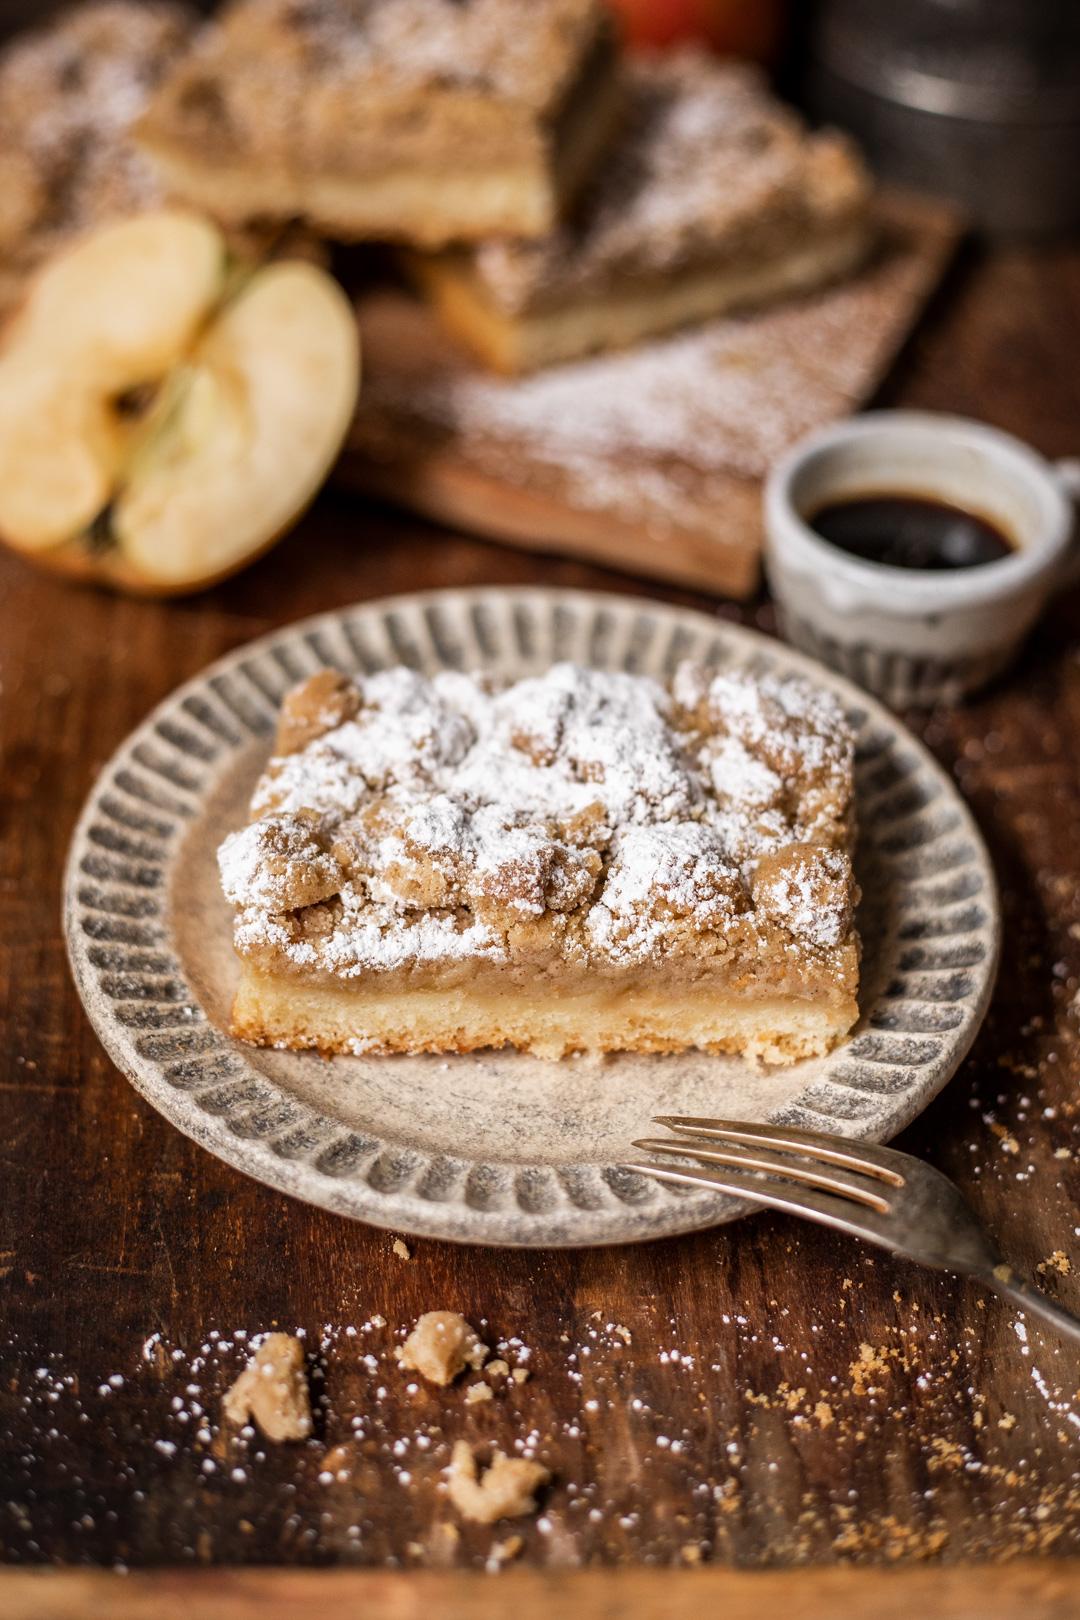 Rezept für Apfelmuskuchen mit Rührteig, Apfelmus und saftigen Streuseln